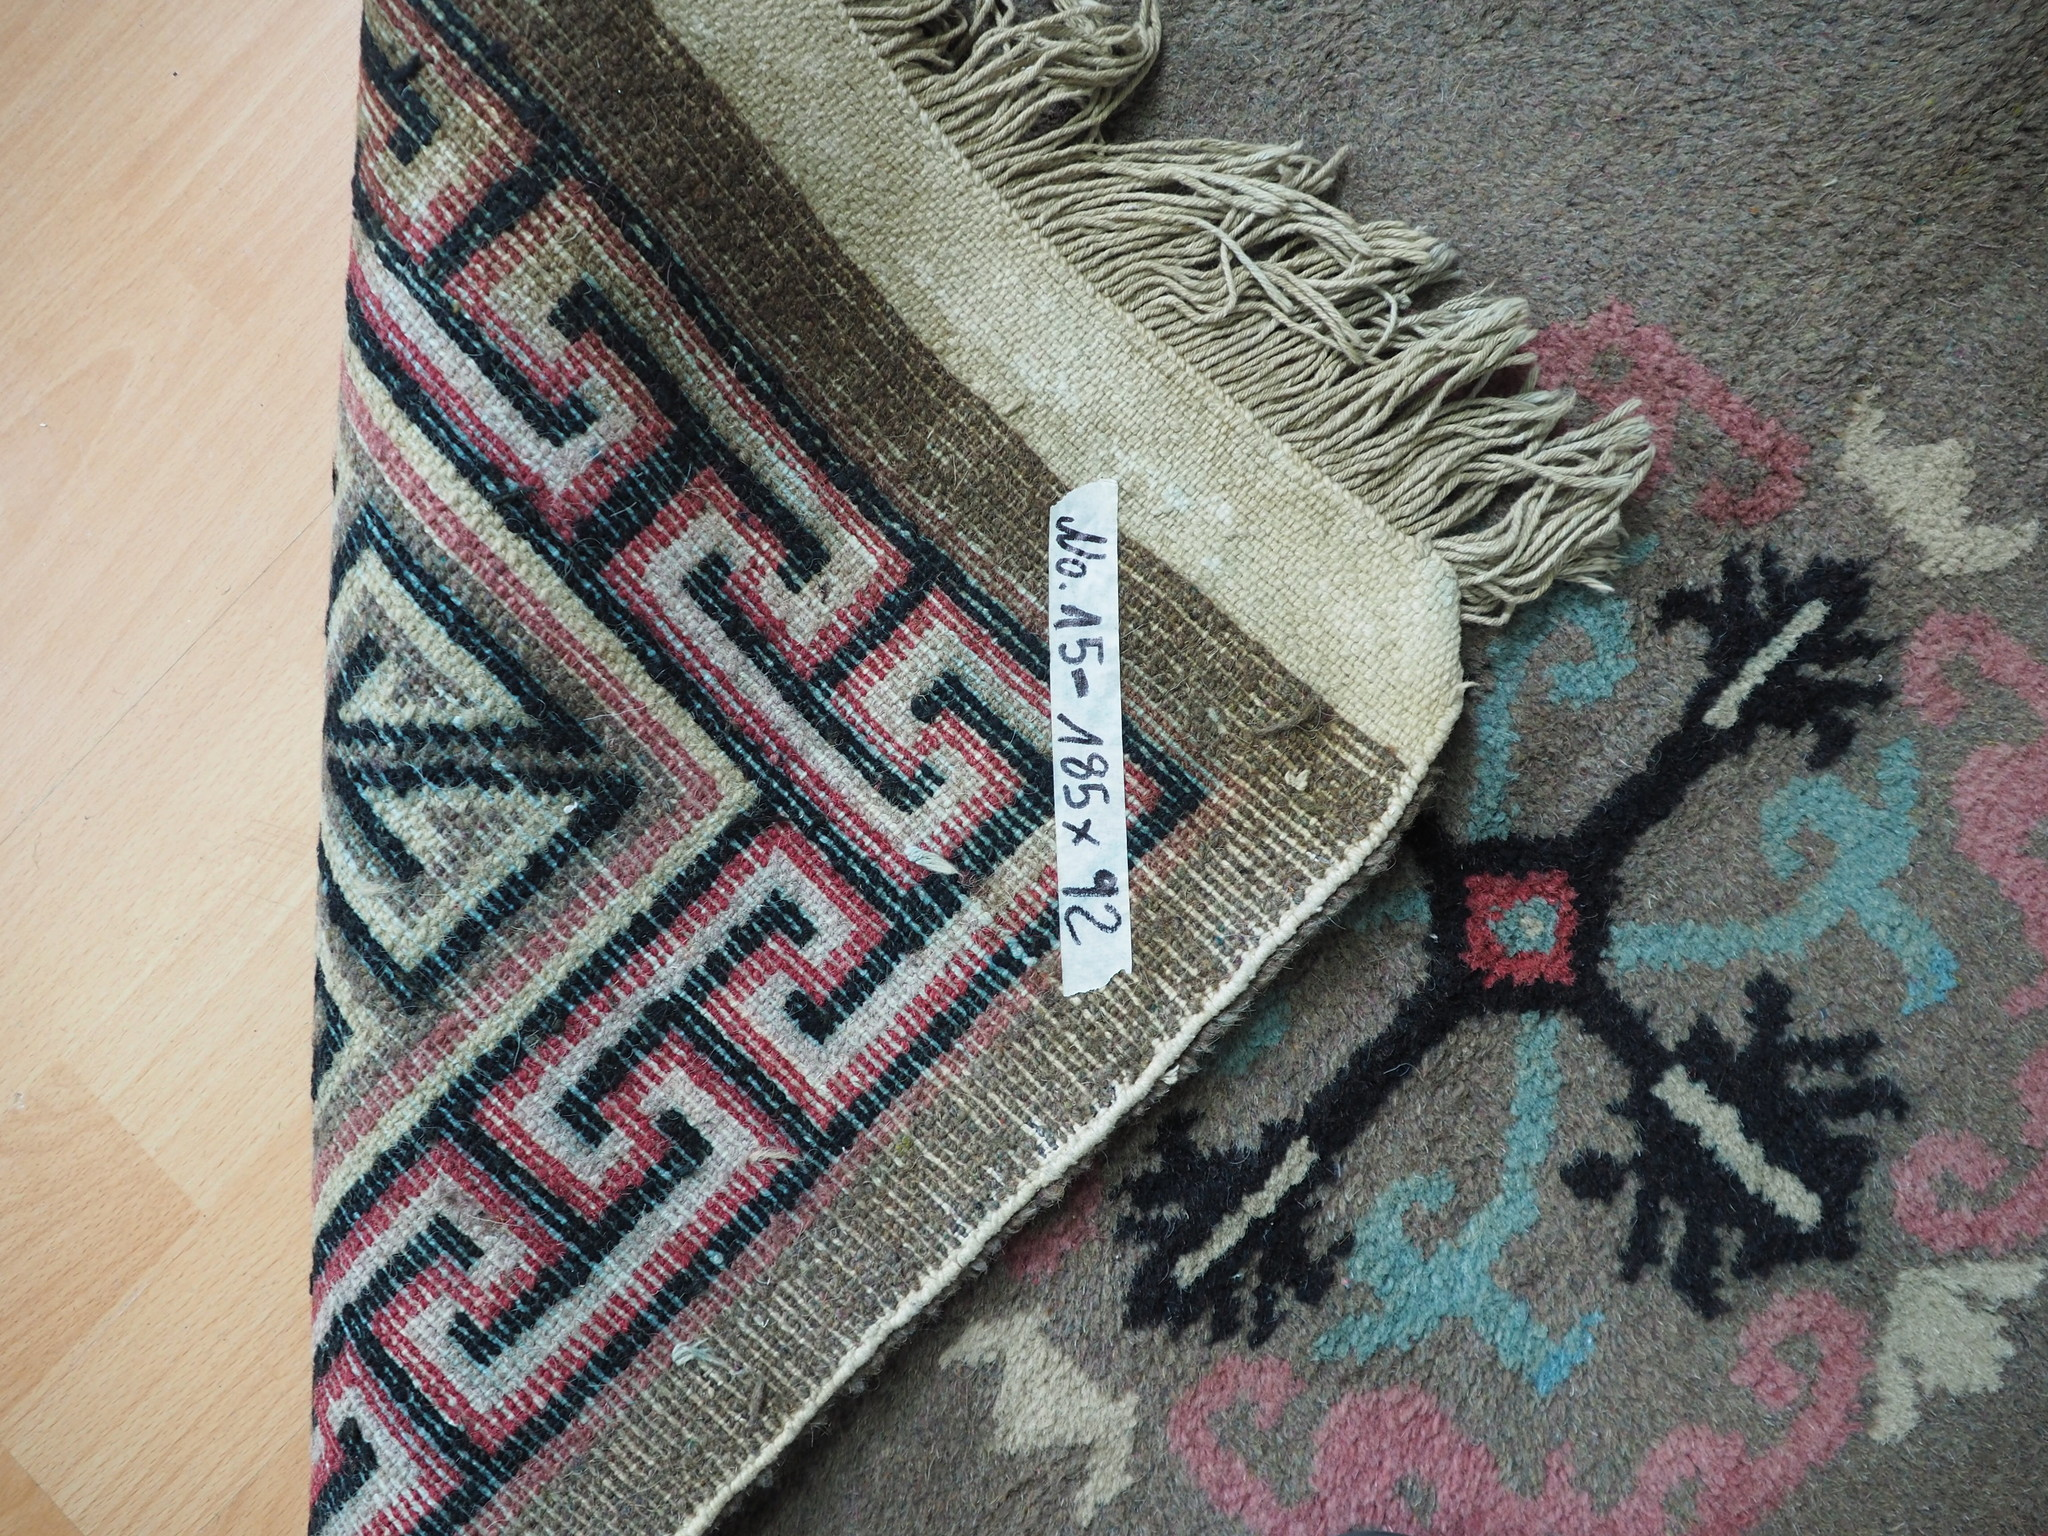 antik Tibetischer Khaden Yoga Meditation Dorfteppich buddhistische Klöster gebetsteppich Teppich Schlafteppich Nr.15